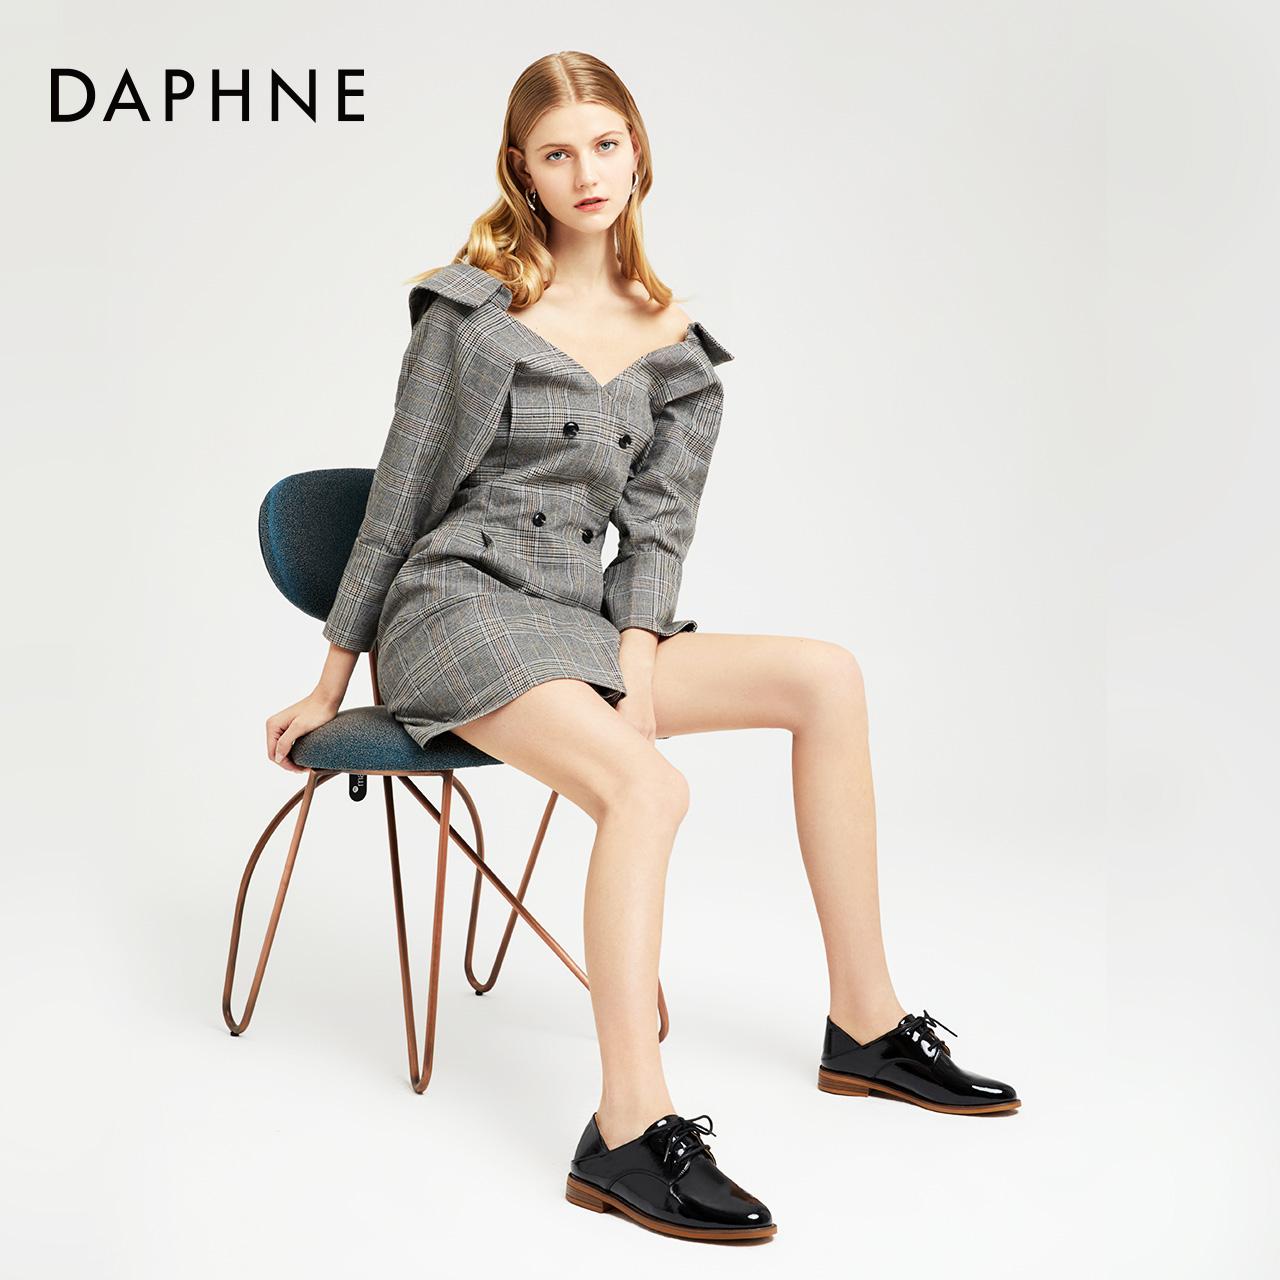 年春英伦小皮鞋女学院风休闲鞋平底圆头牛津鞋 2020 达芙妮 Daphne